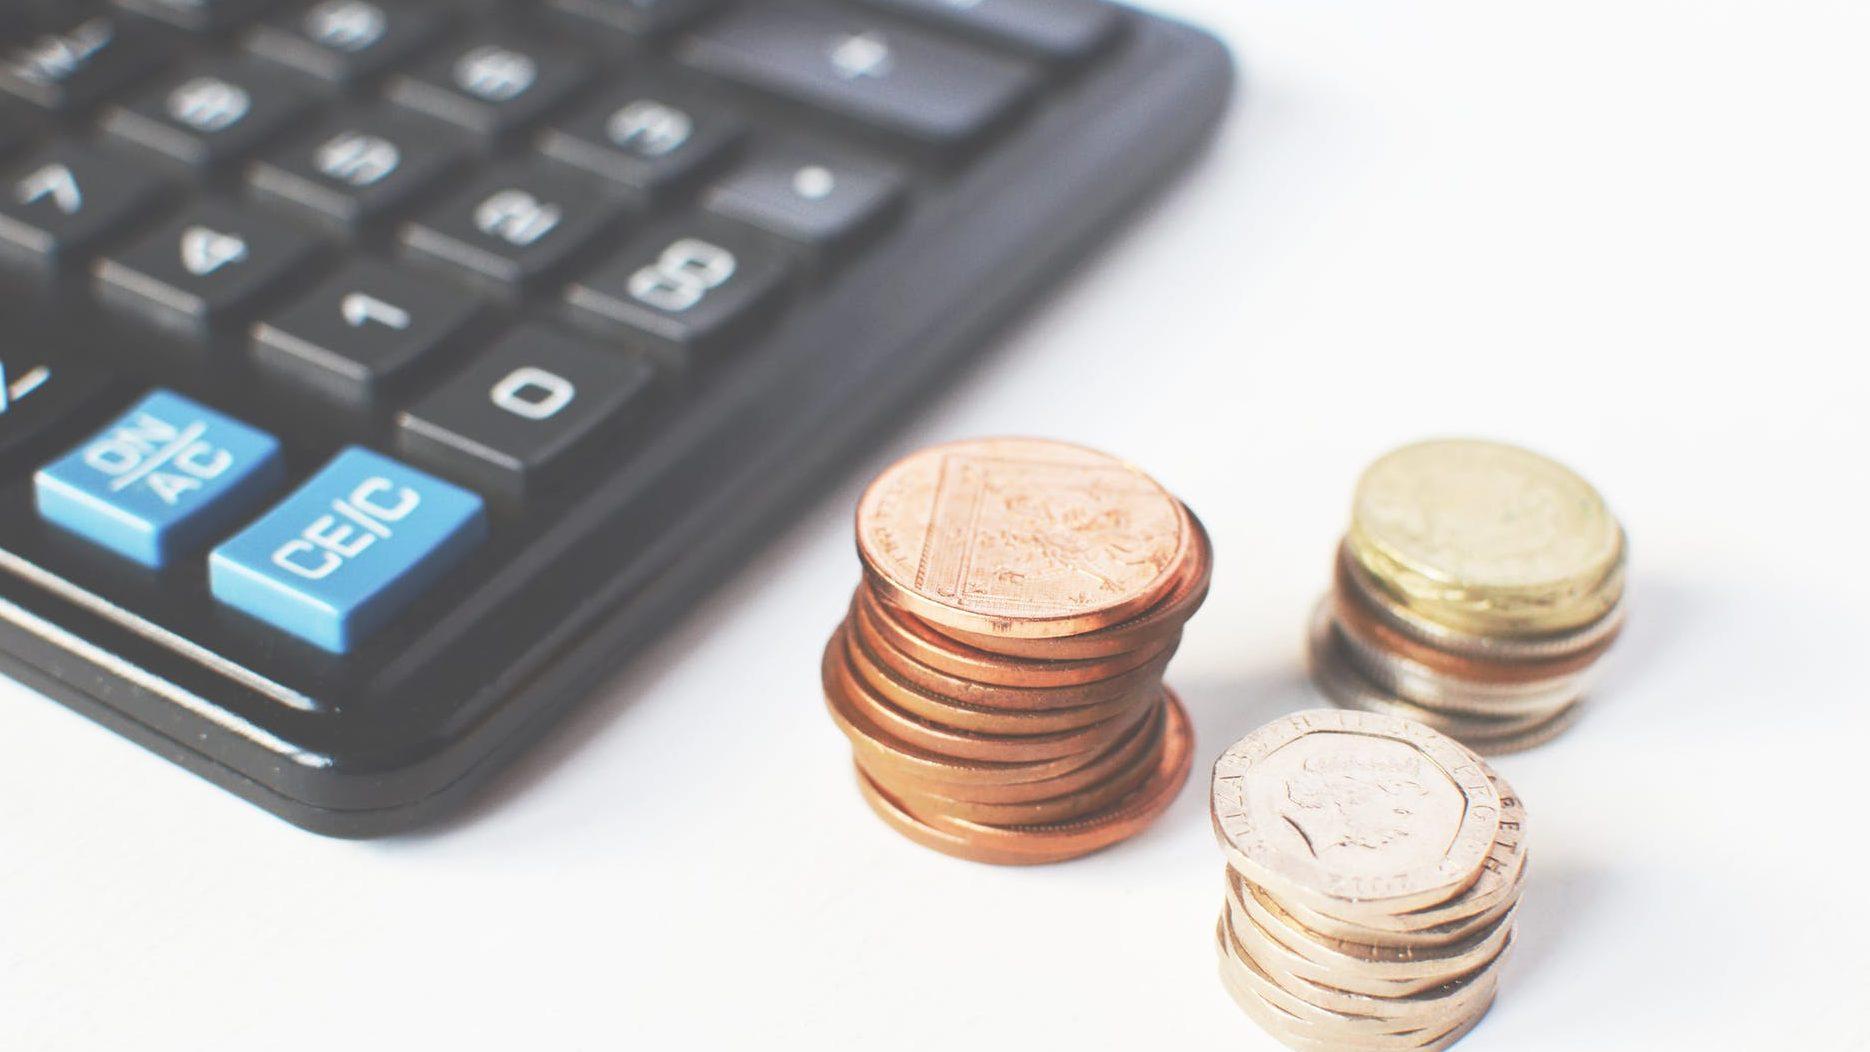 子供を一人育てるのにかかるお金ってどのくらい?のイメージ画像3